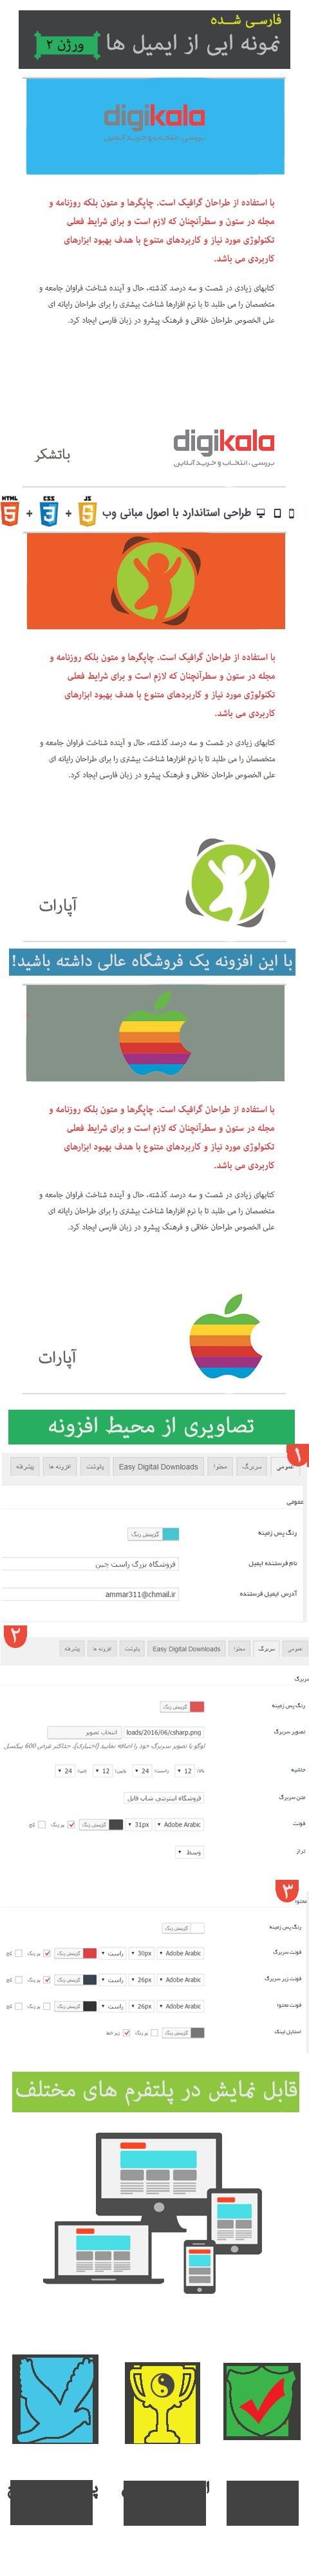 افزونه وردپرس شخصی سازی ایمیل Easy Digital Downloads